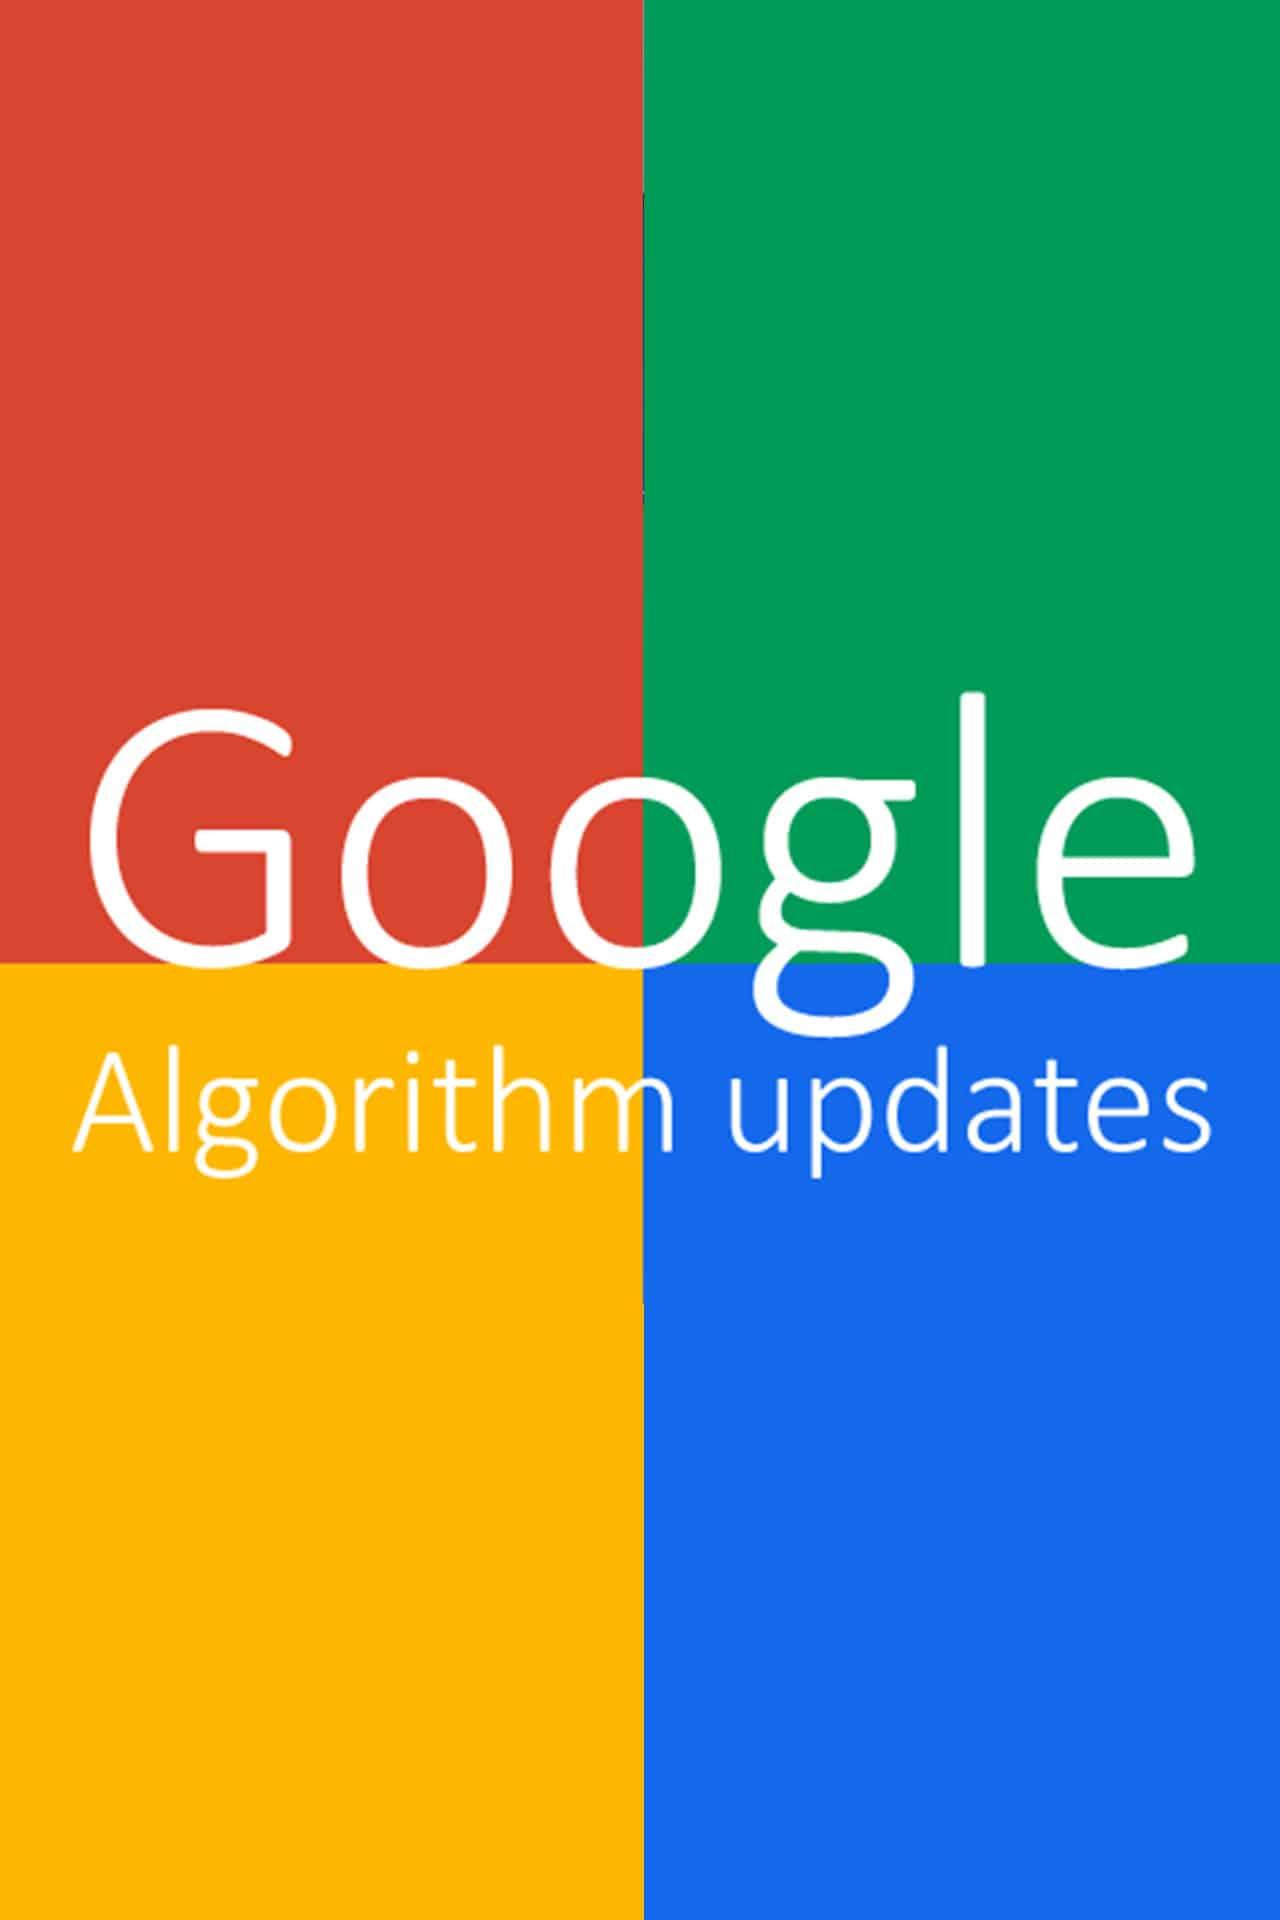 aggiornamento algoritmo google